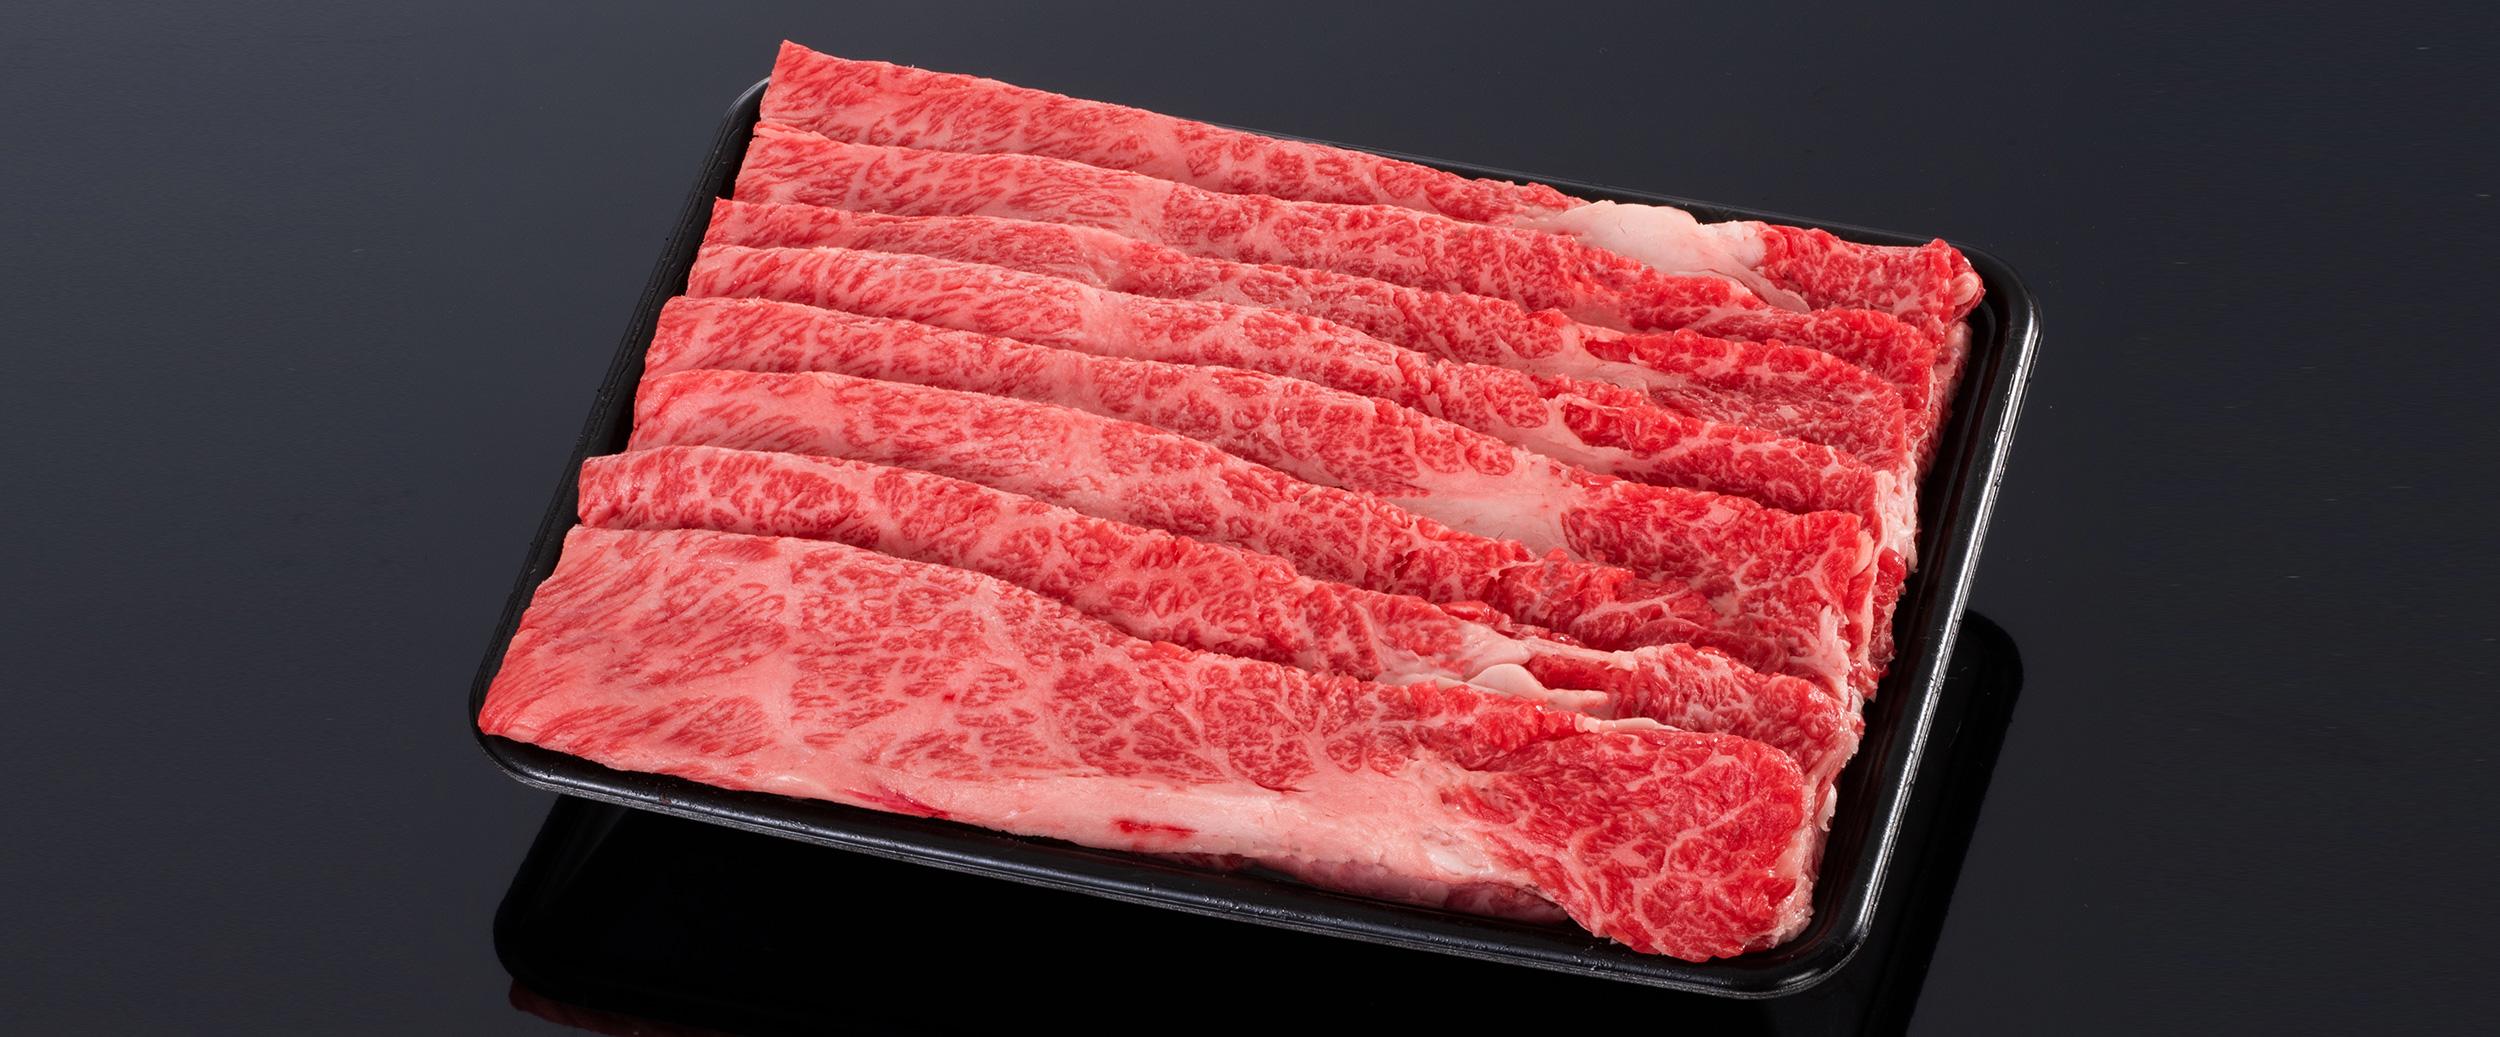 【濃厚な味わい】松阪牛・肩ロースしゃぶしゃぶ用の松阪肉【500g】